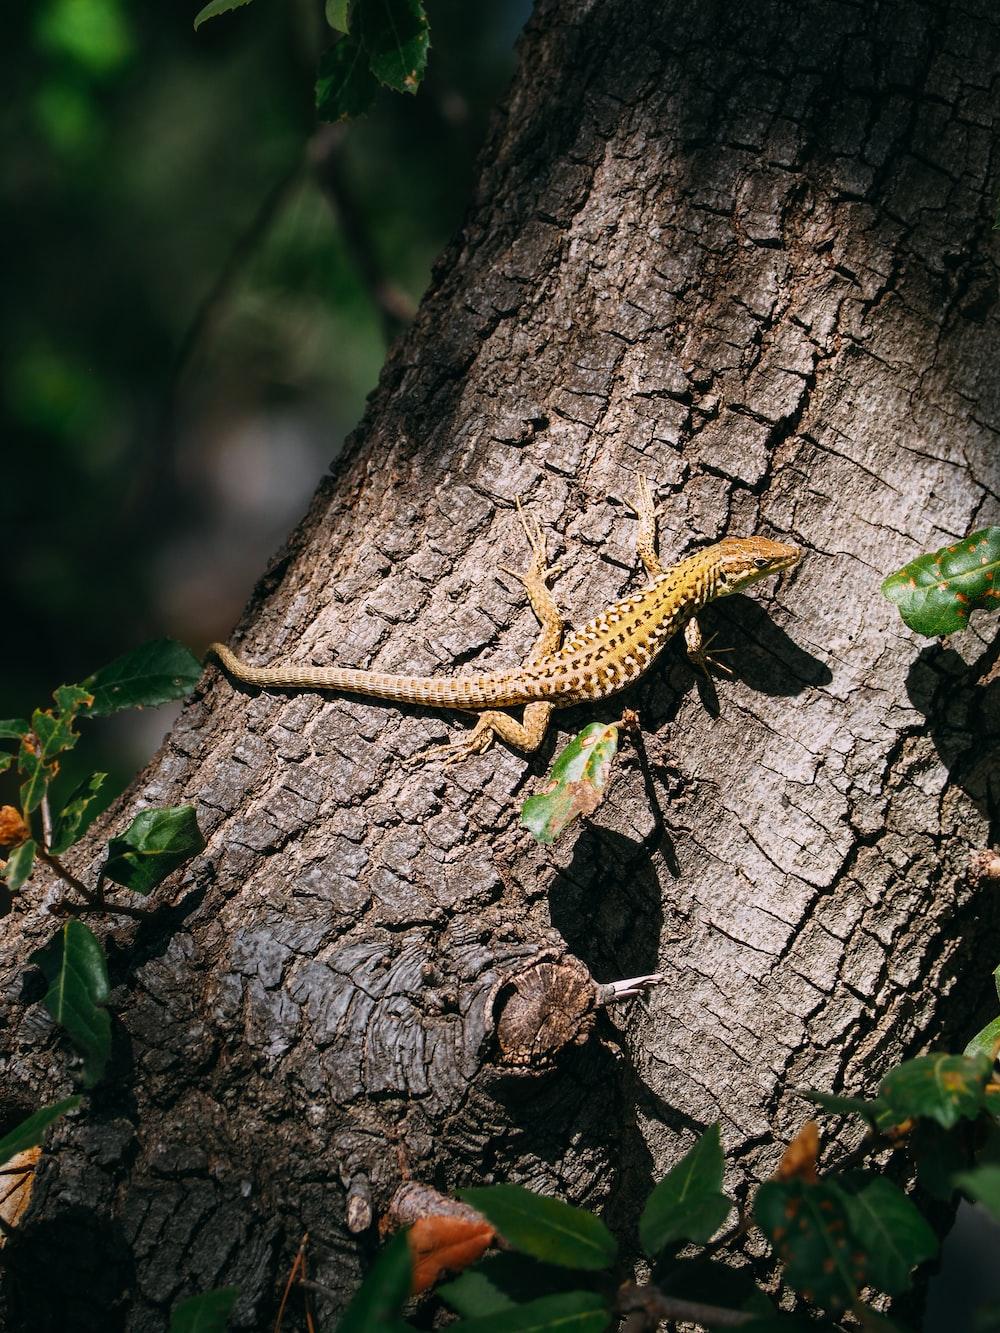 brown lizard climbing on tree